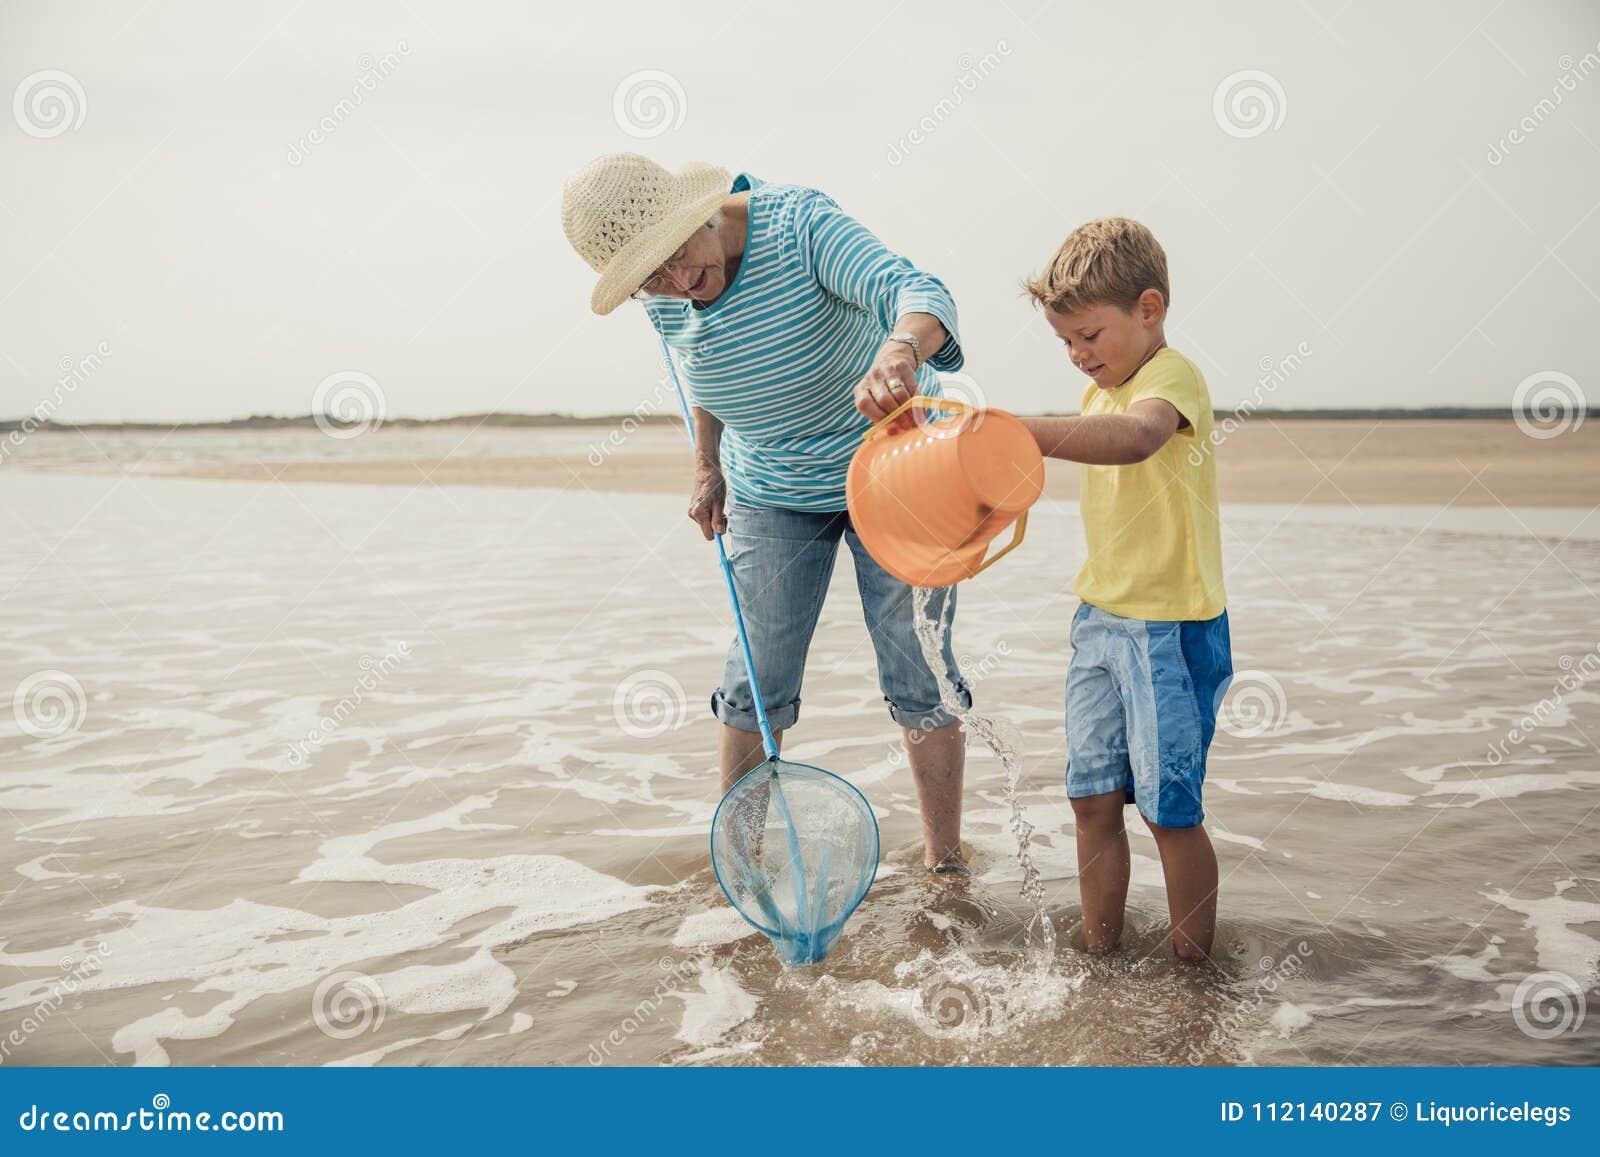 Suchen nach Sealife mit Großmutter